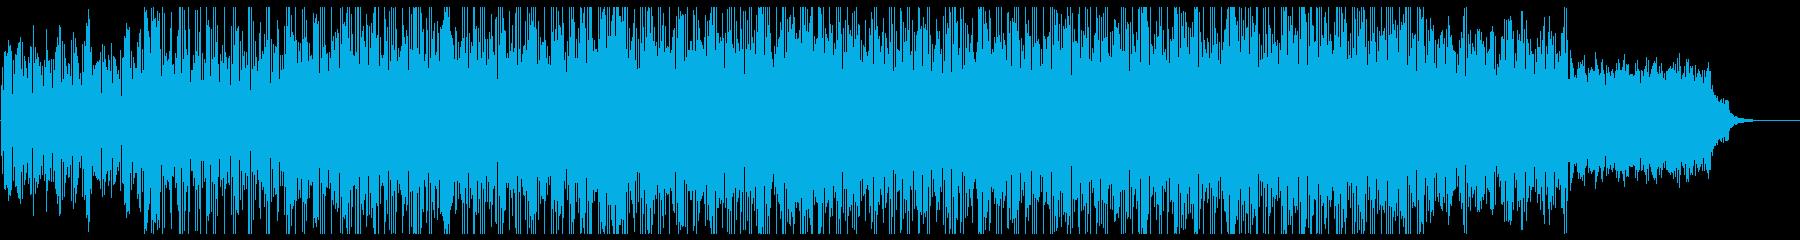 大人向け癒しのヒーリングミュージックの再生済みの波形